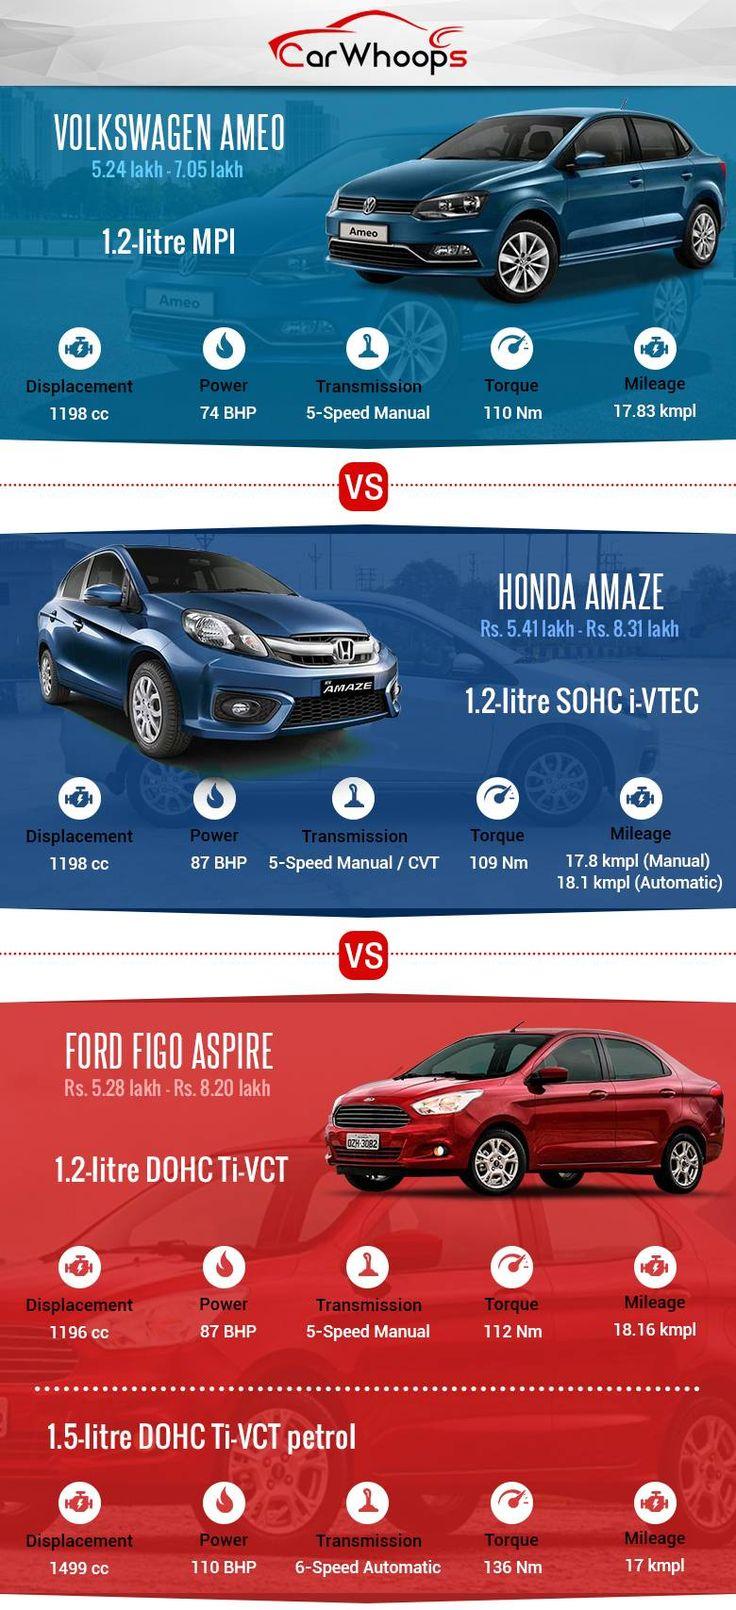 Volkswagen Ameo vs Honda Amaze vs Ford Figo Aspire : Comparison